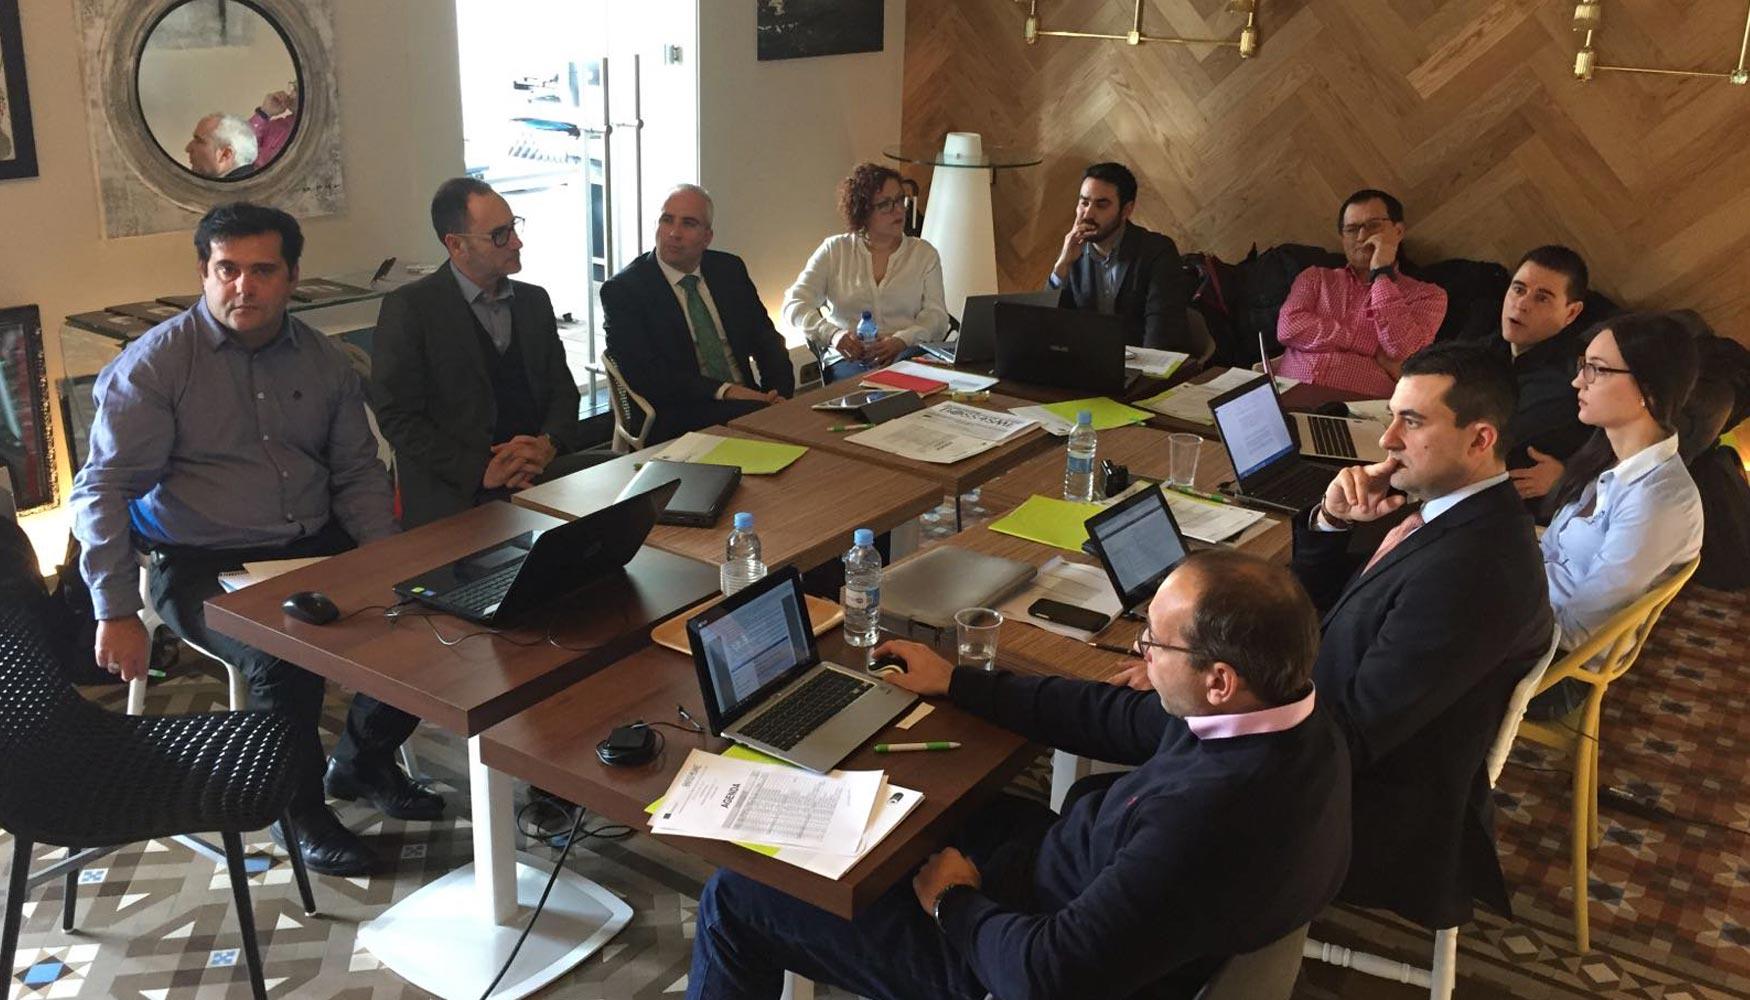 Se inicia el proyecto europeo boss4smes liderado por for Programa interiorismo online